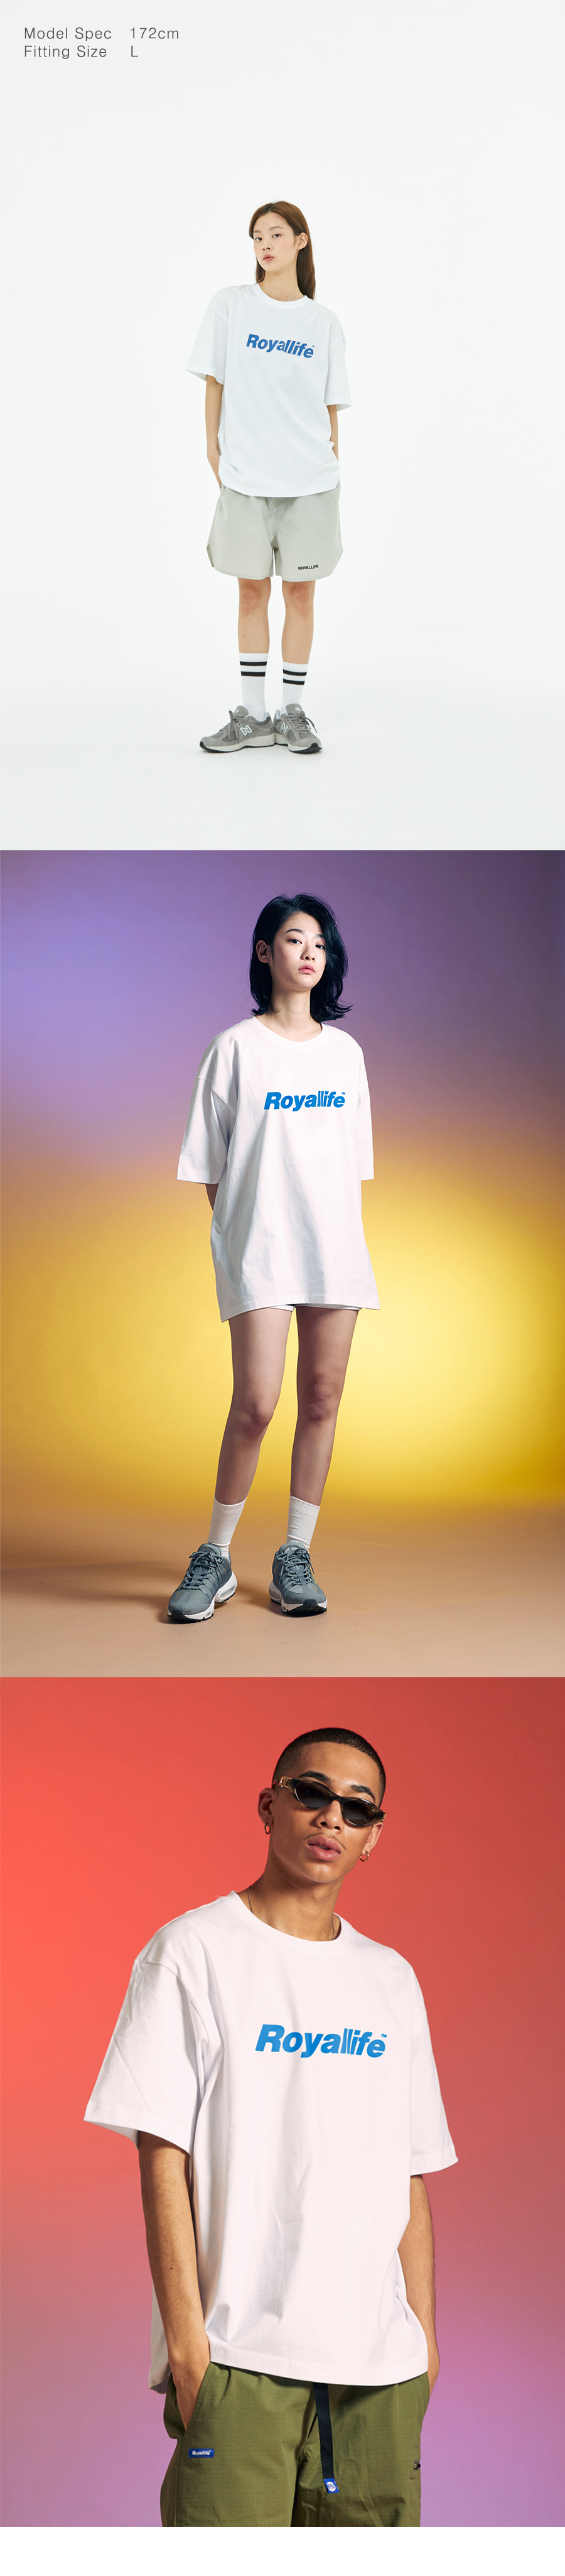 로얄라이프(ROYALLIFE) RL001 오리지널 로고 반팔티 화이트